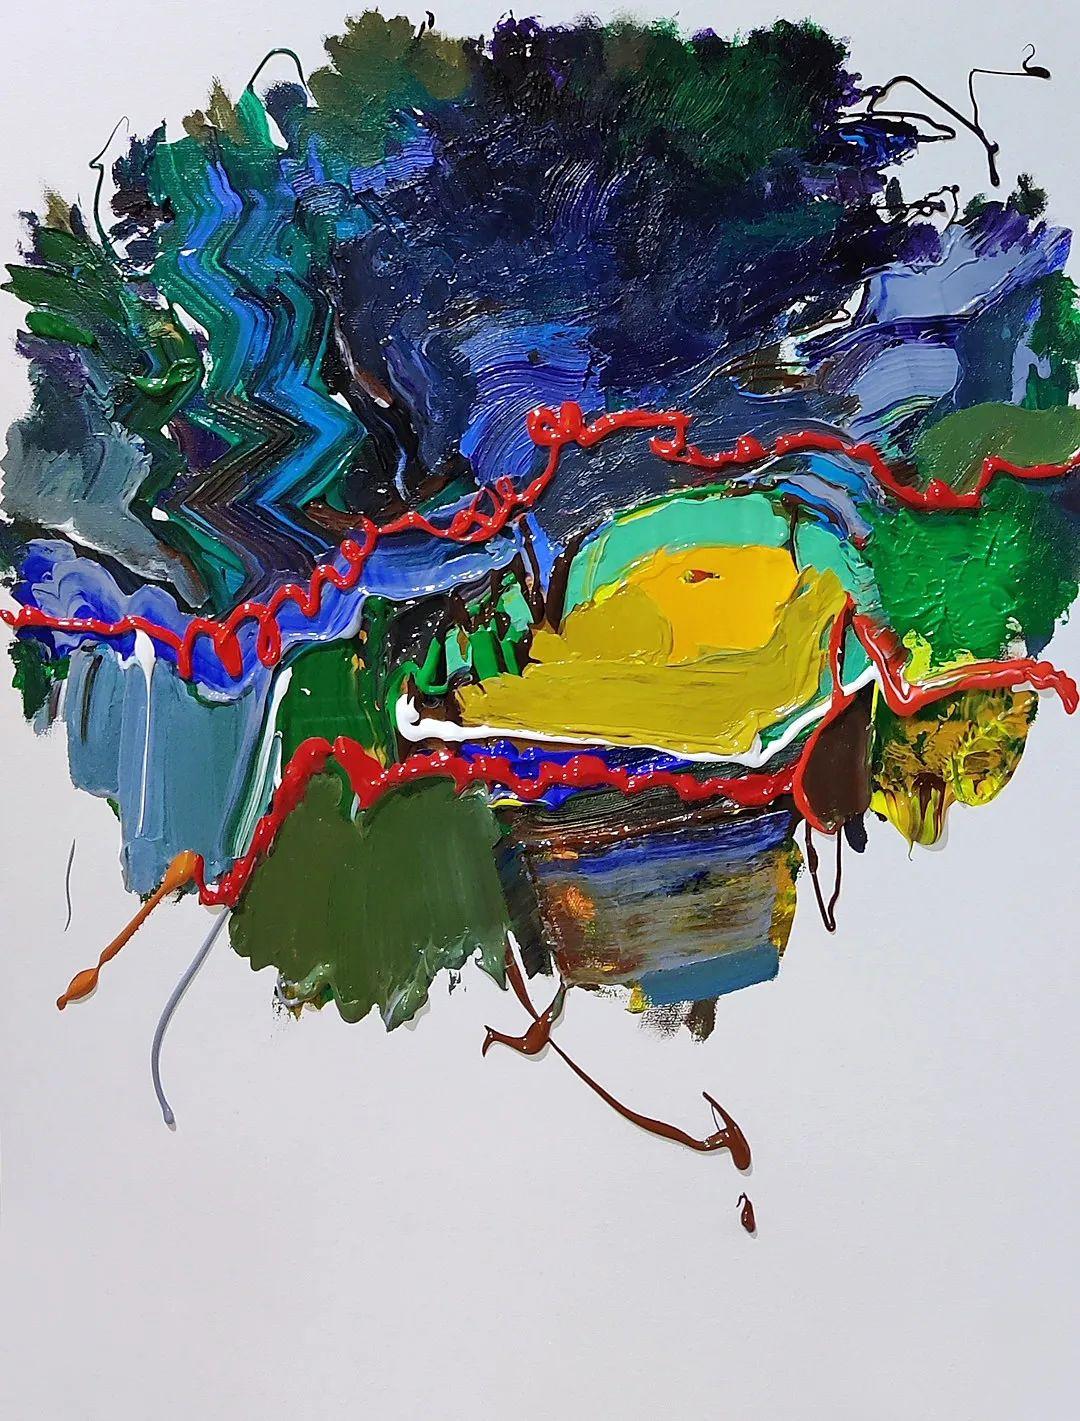 中国当代绘画艺术展作品欣赏之 马壮插图19